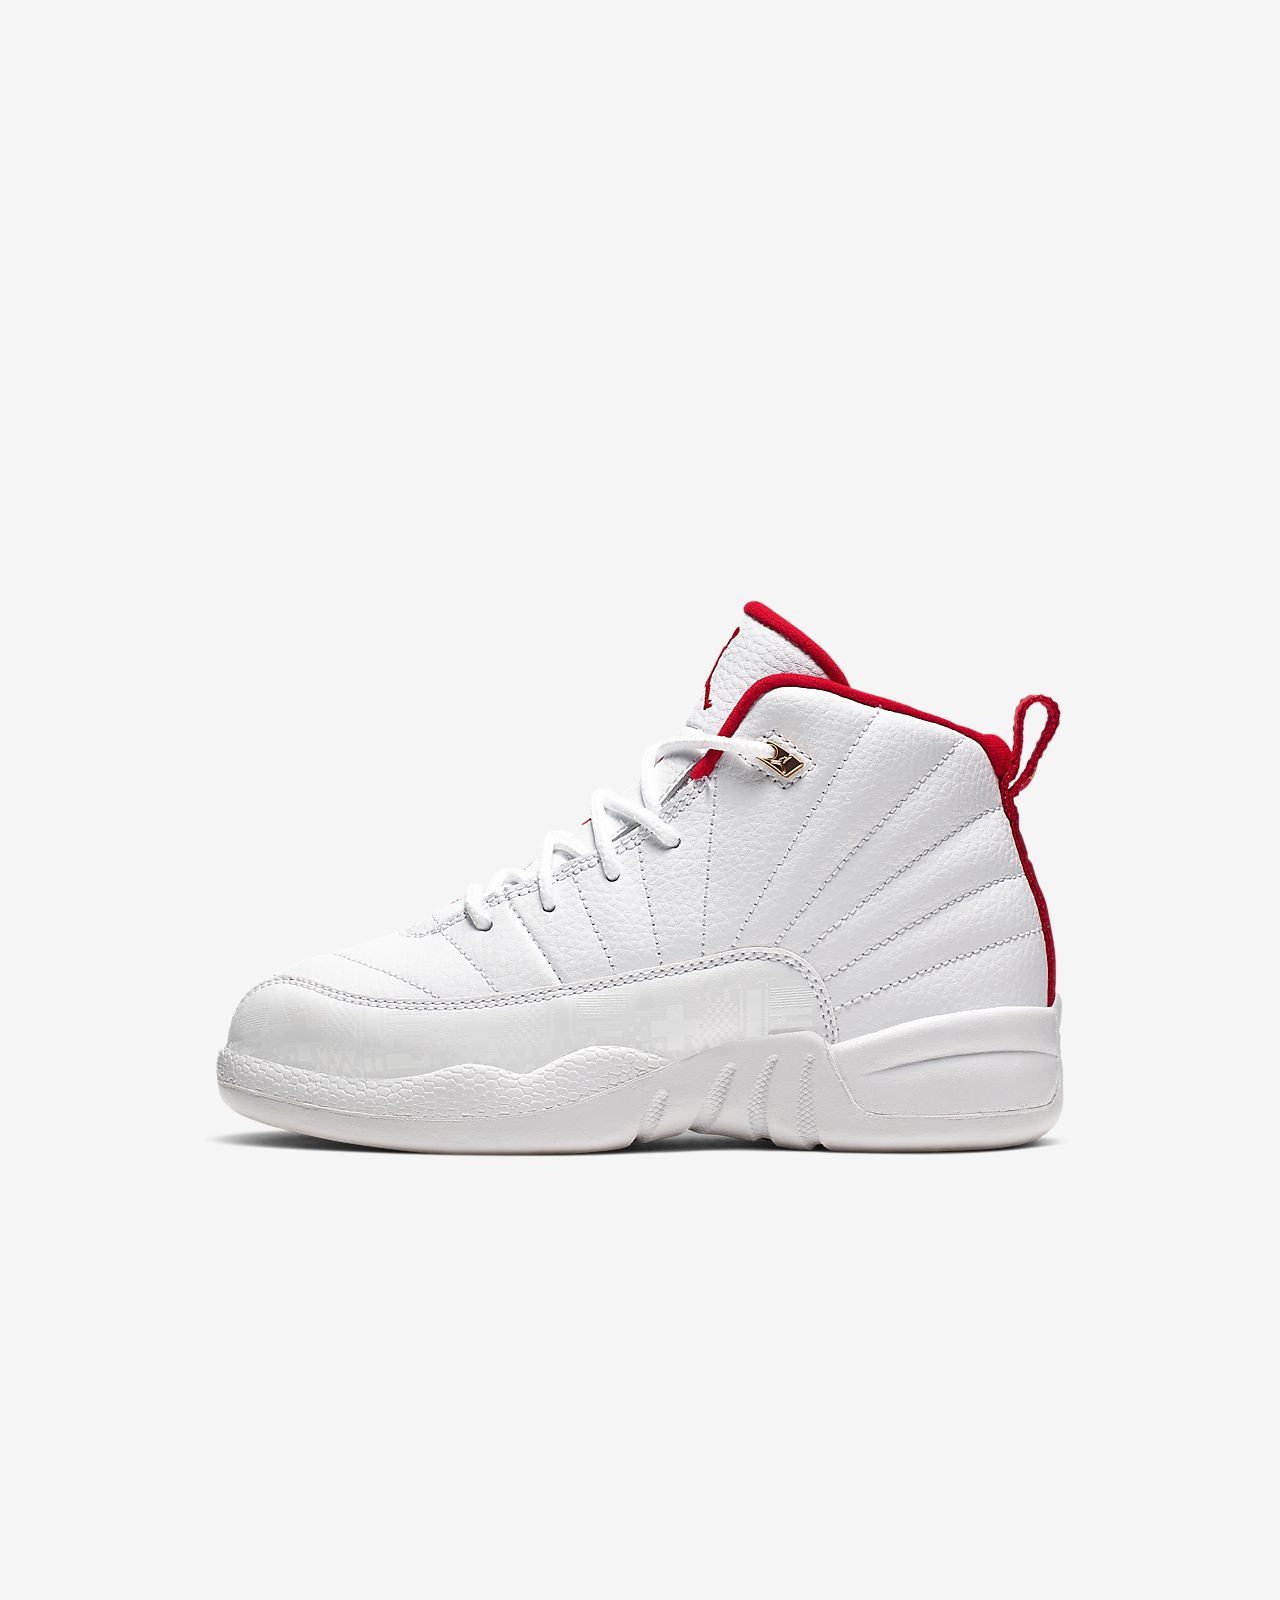 Jordan 12 Retro Little Kids' Shoe